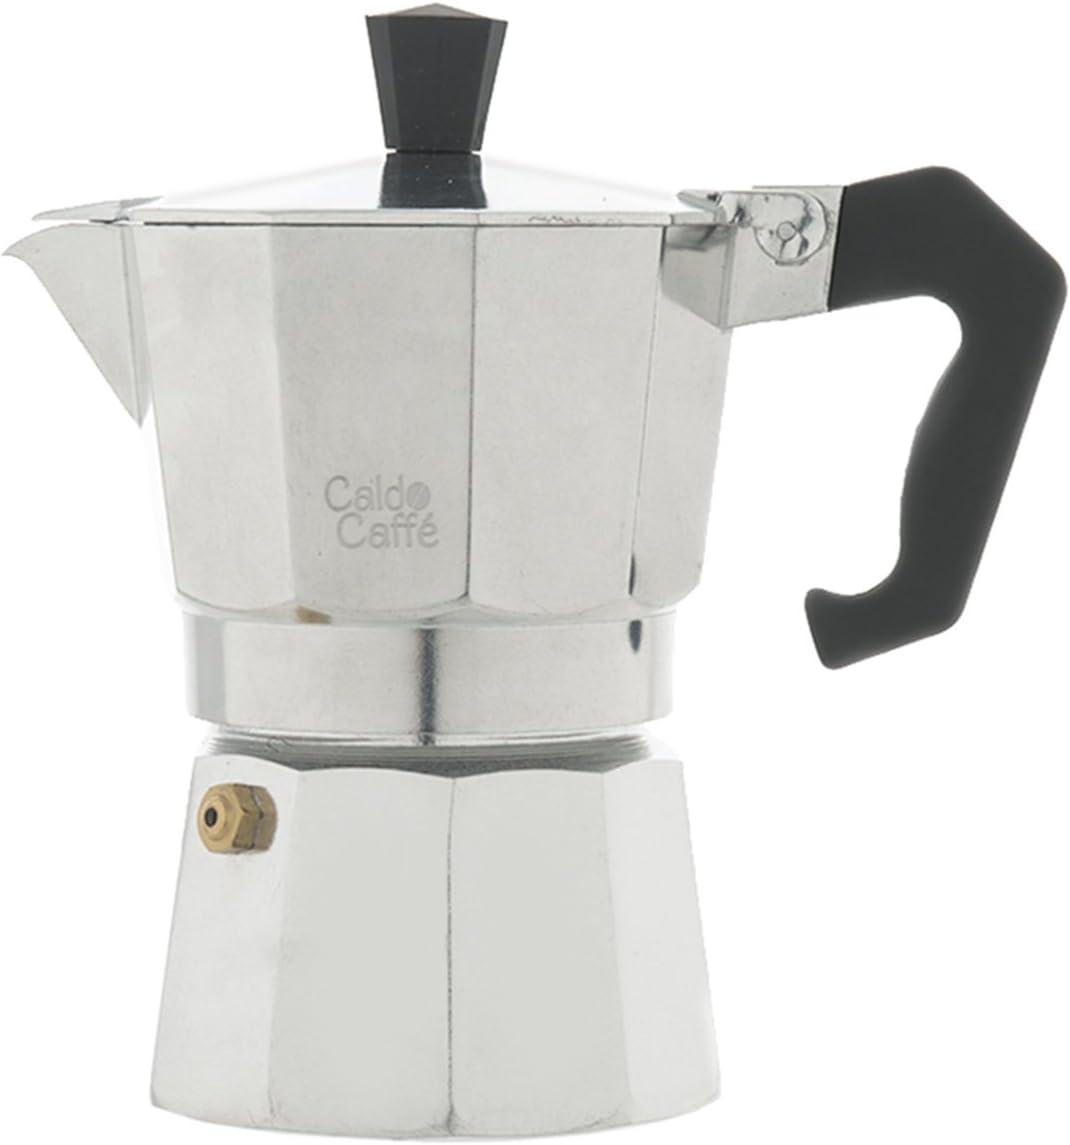 Home Caldo Caffè -Cafetera Moka para Espresso, 3 Tazas, Aluminio ...